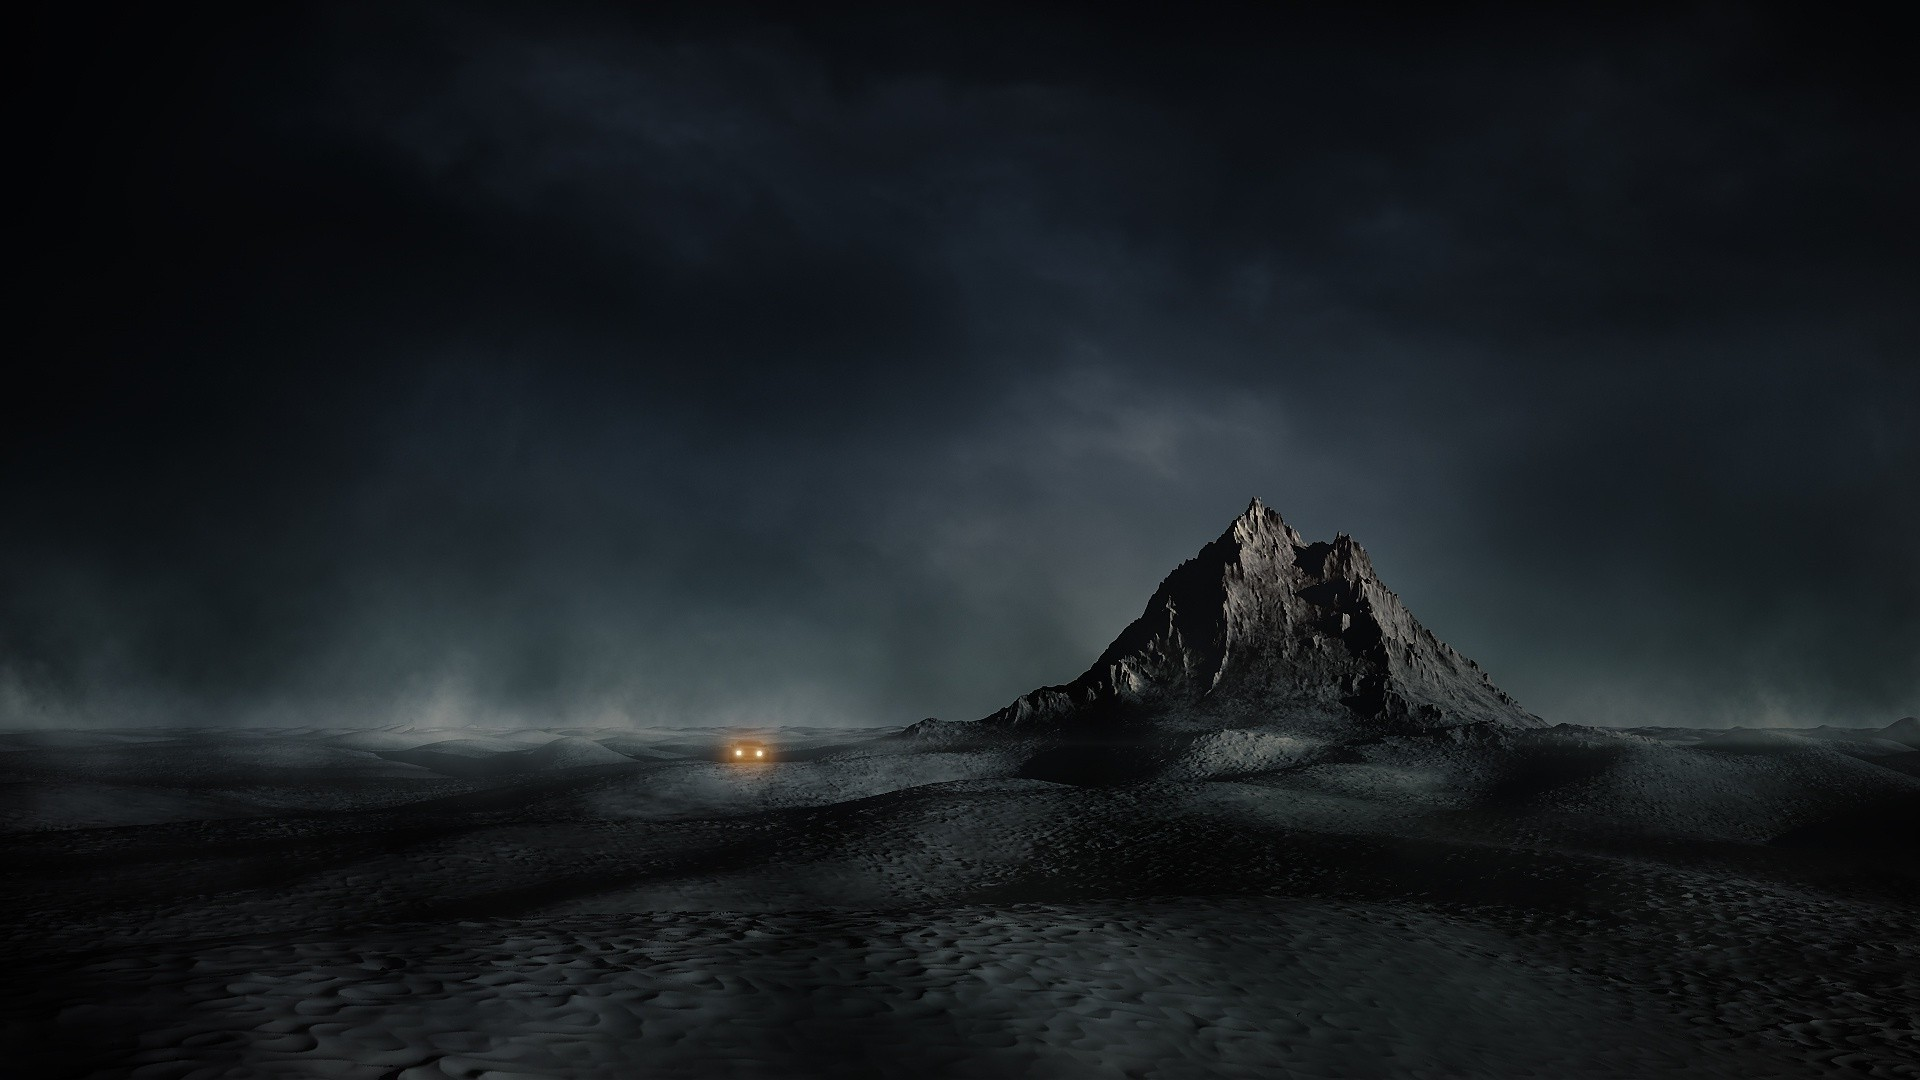 Dark Mountain a wallpaper